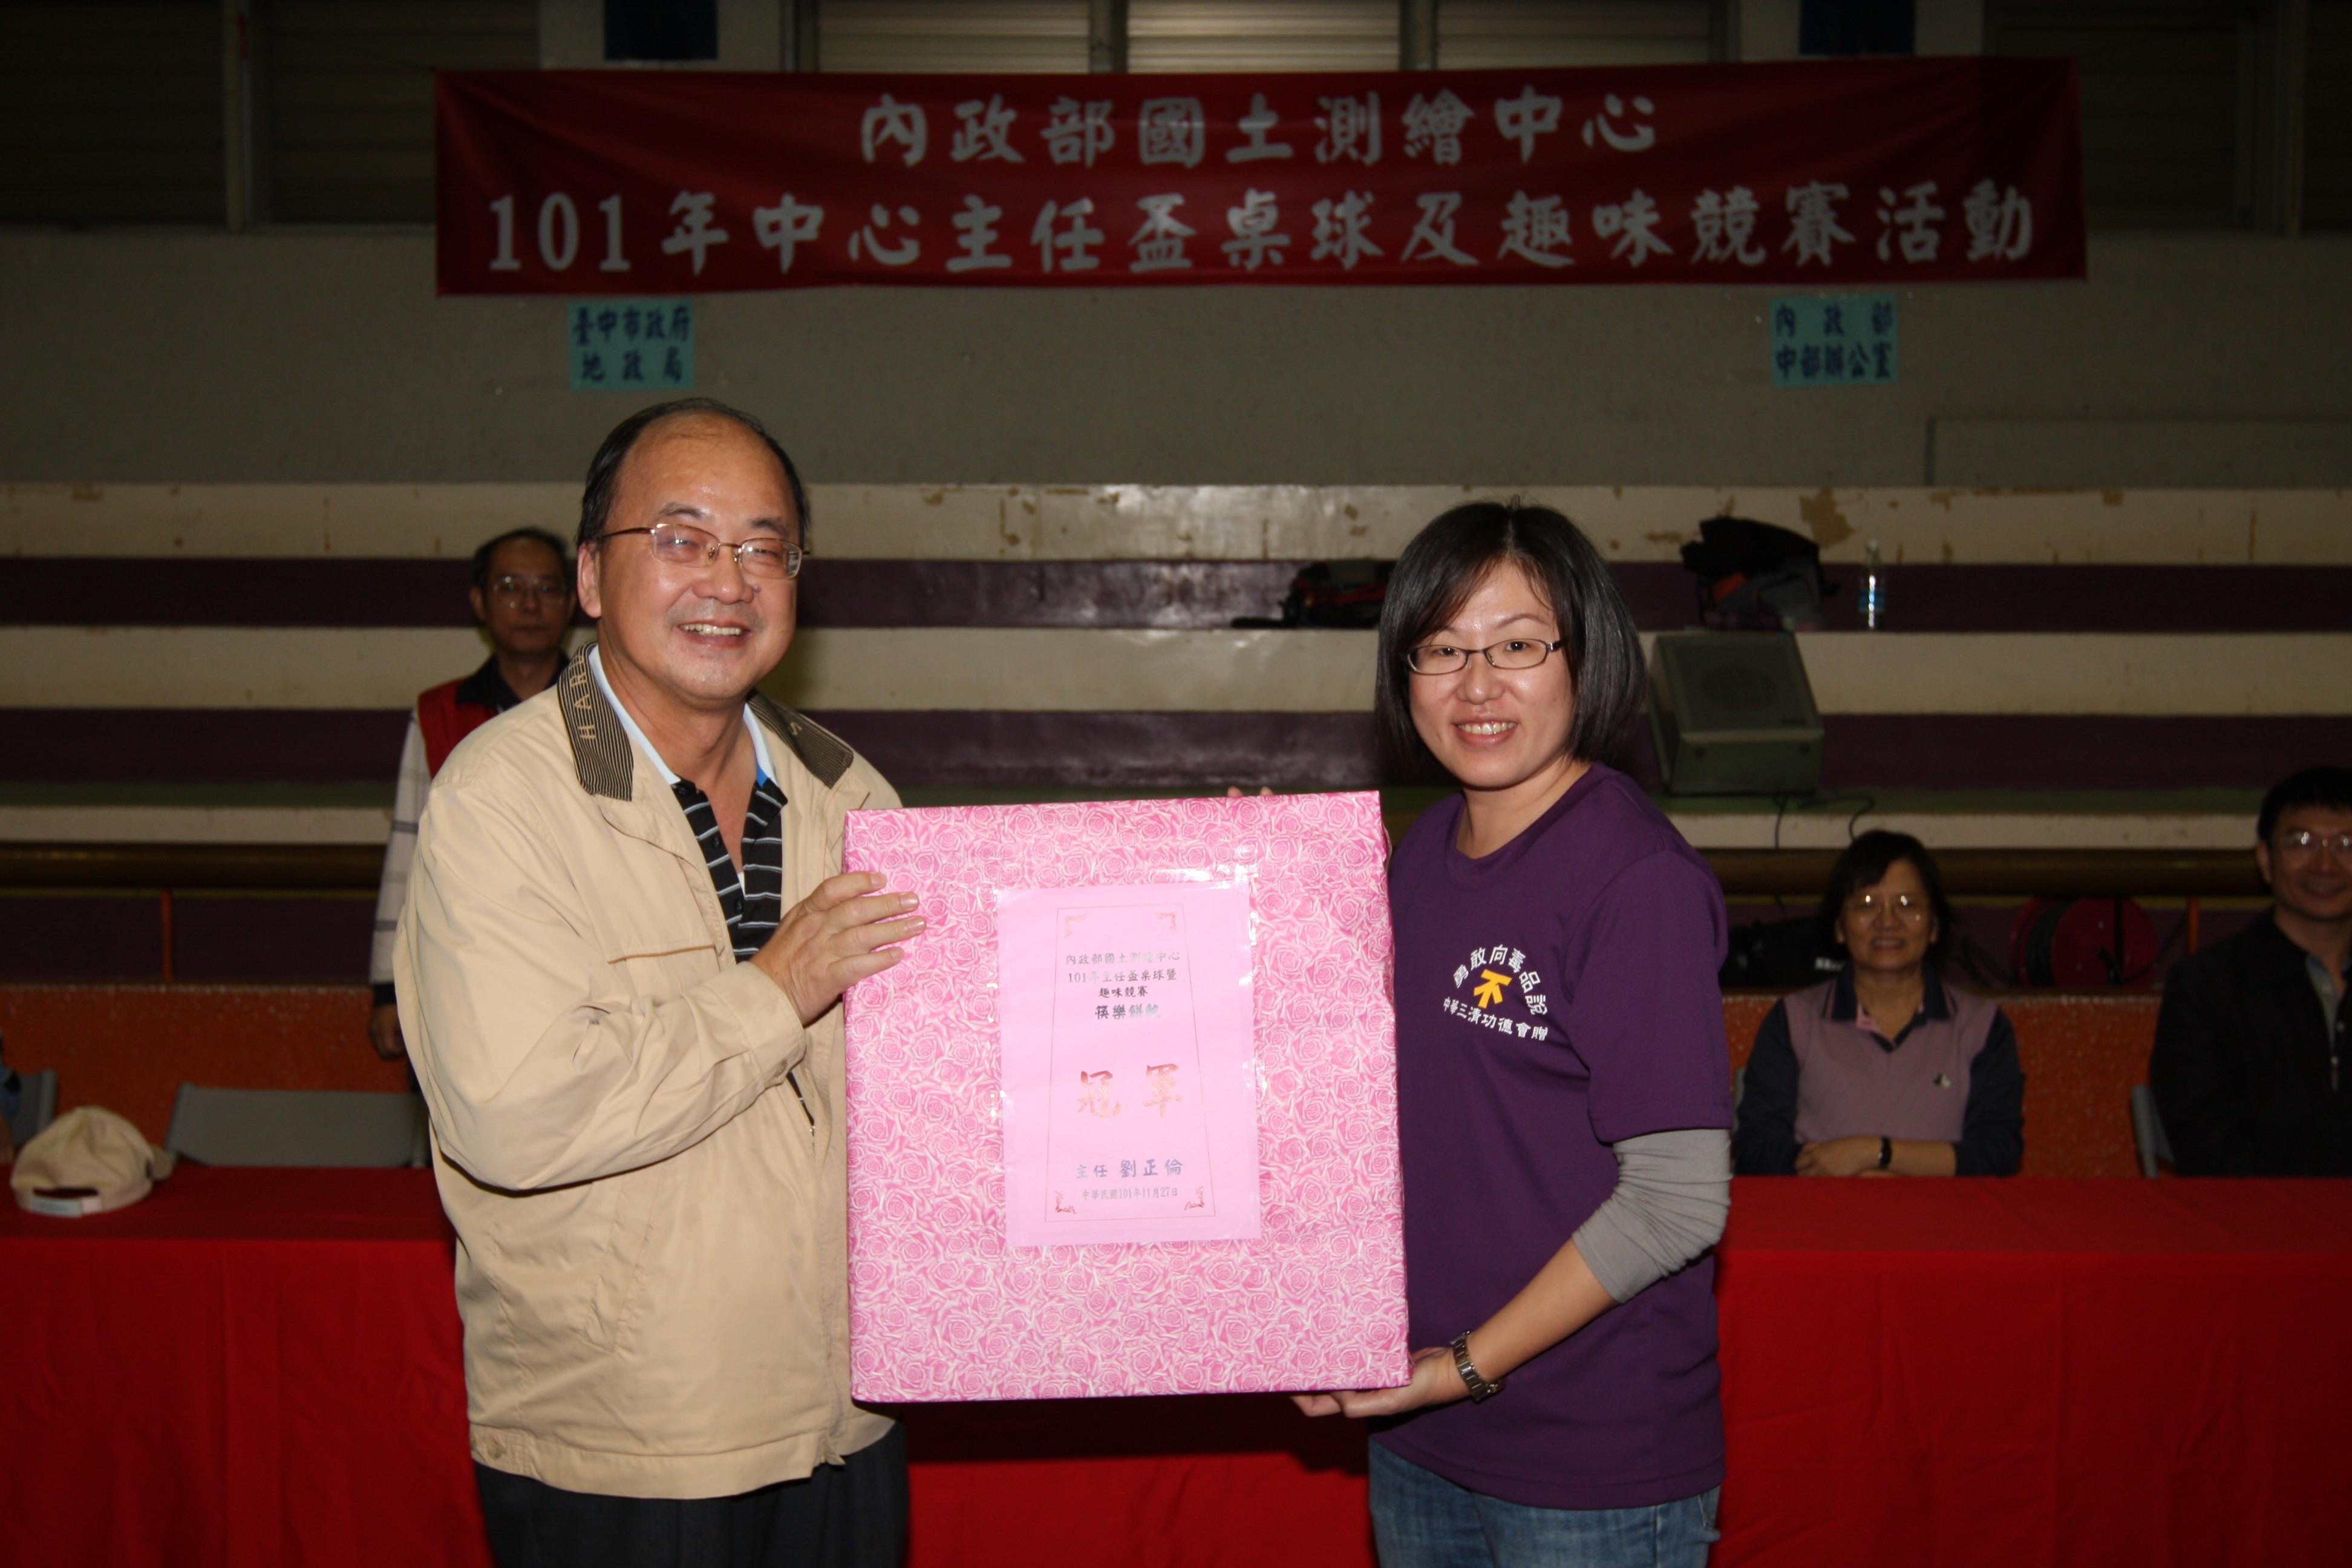 蘇副主任惠璋(左)頒獎予趣味競賽筷樂餅乾冠軍-南區第二測量隊(右)